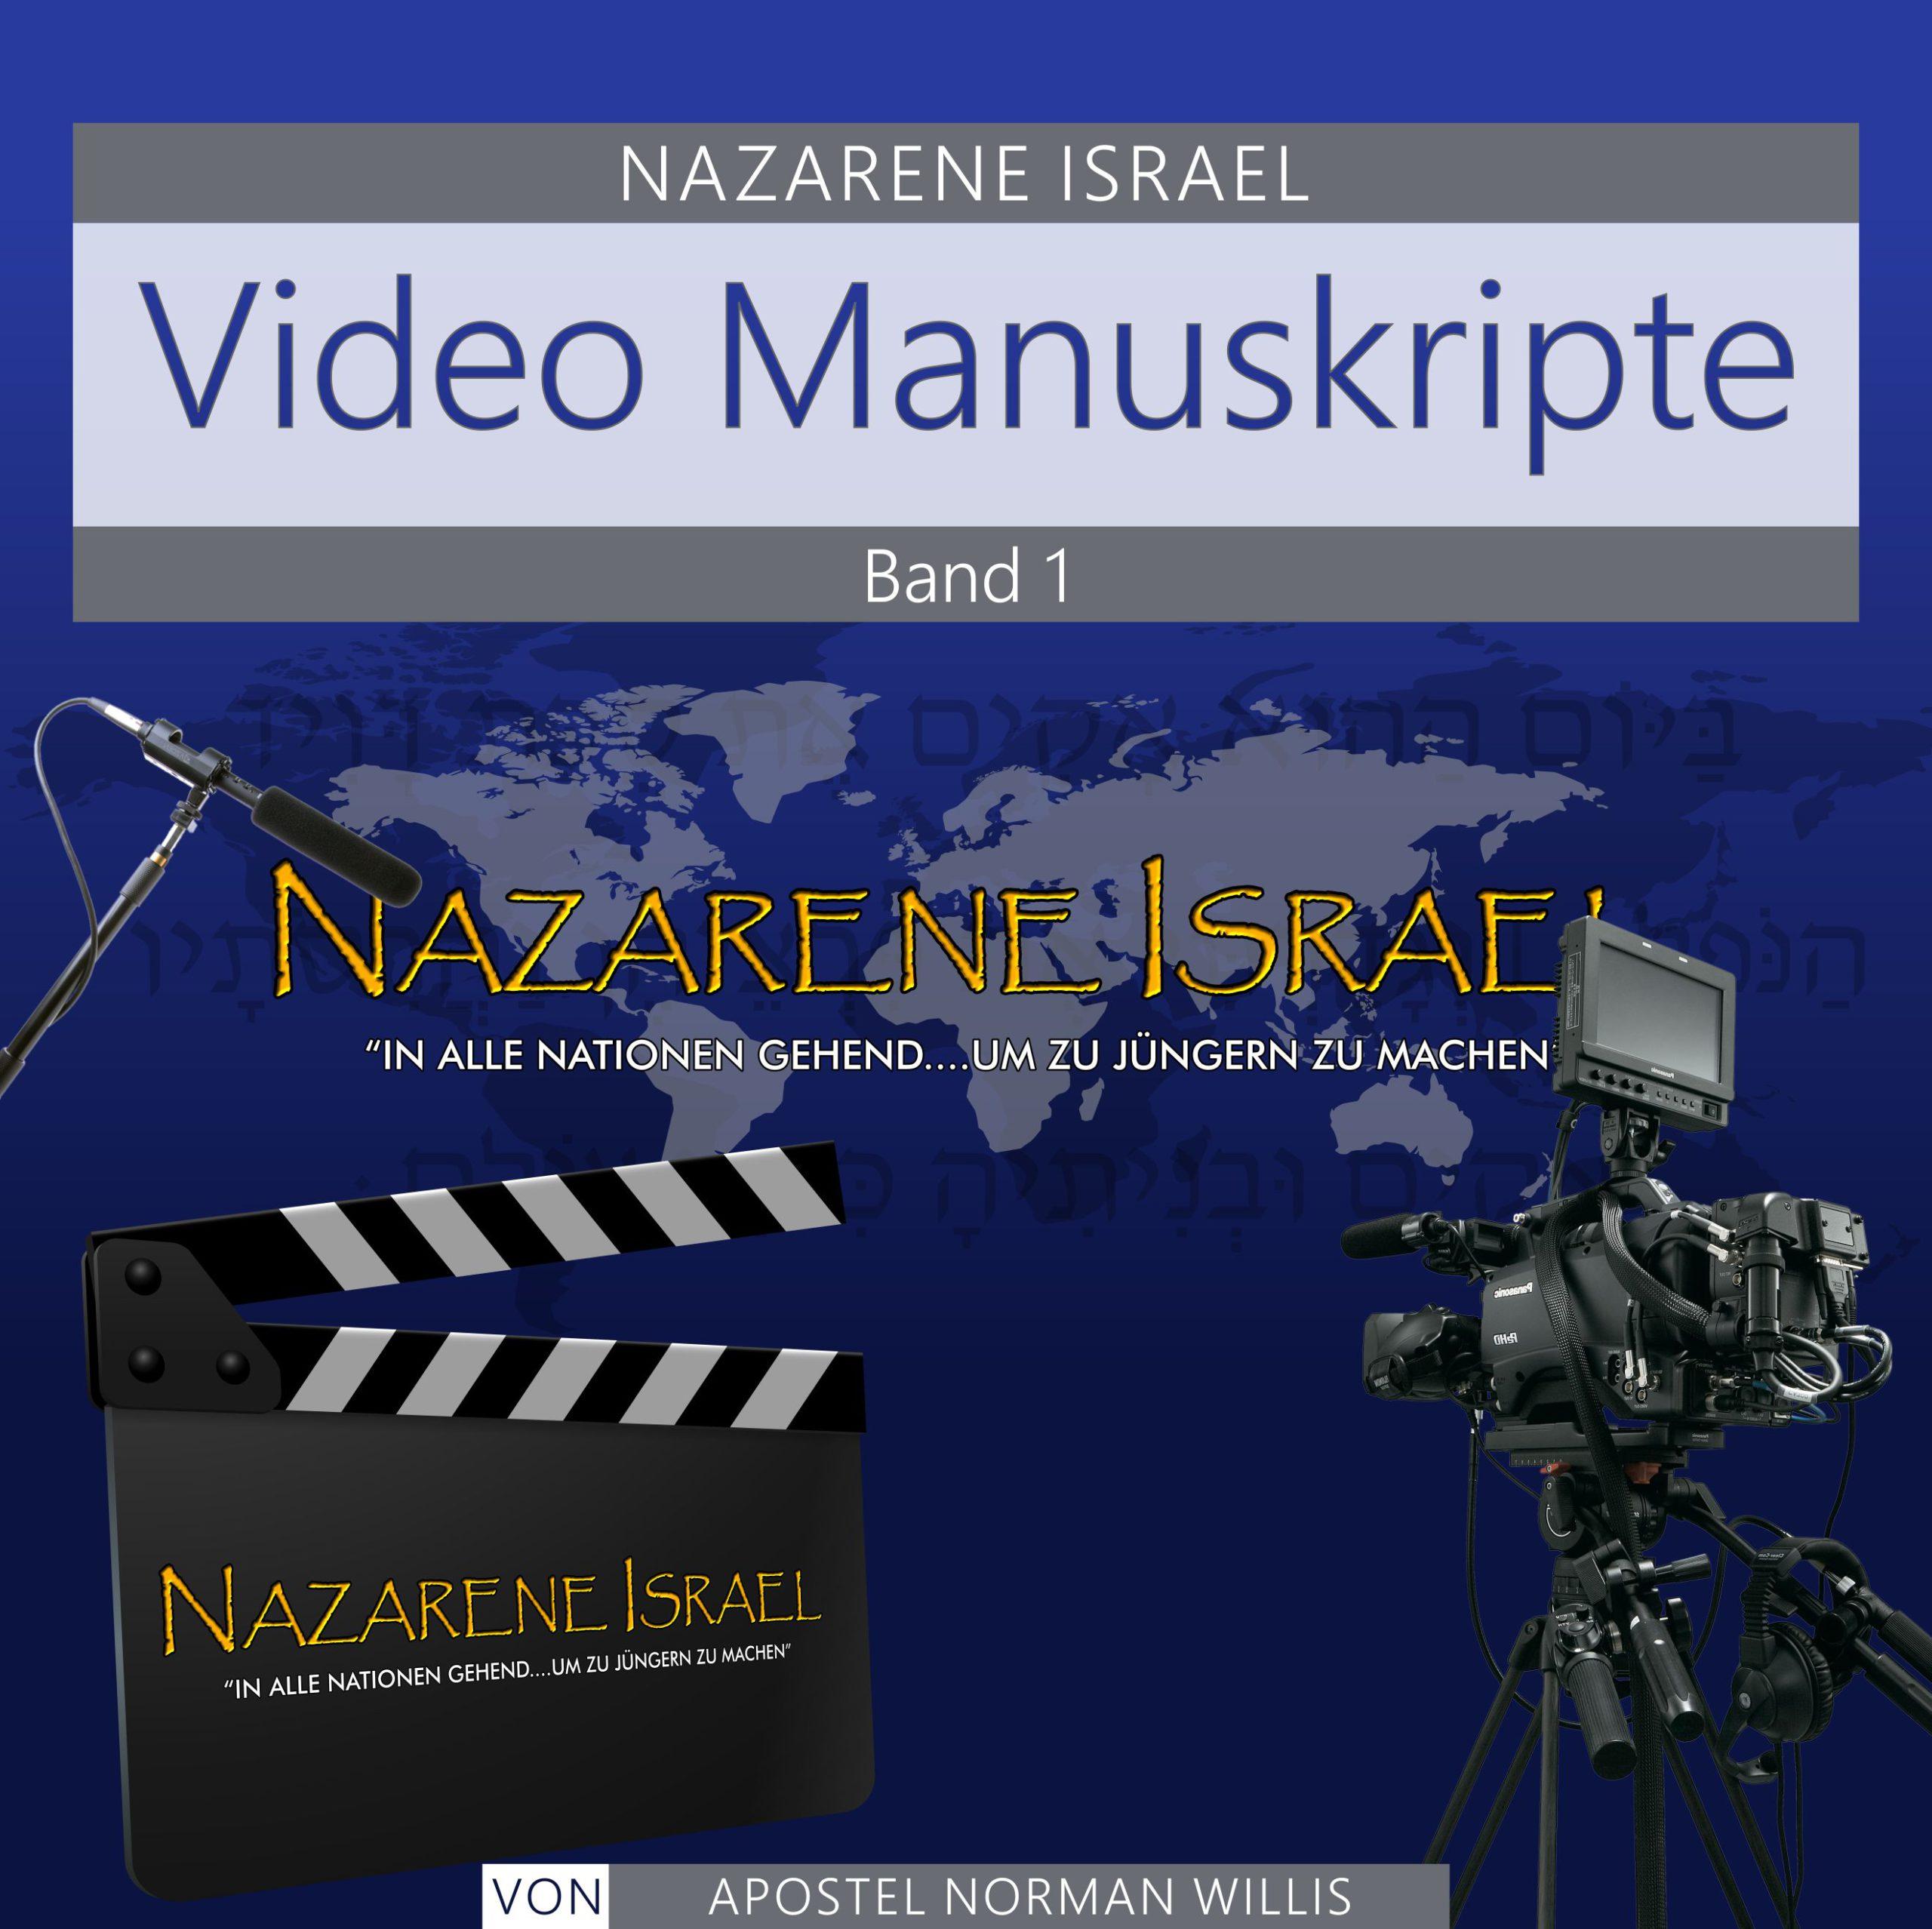 Nazarene Israel Video Manuskripte Band 1